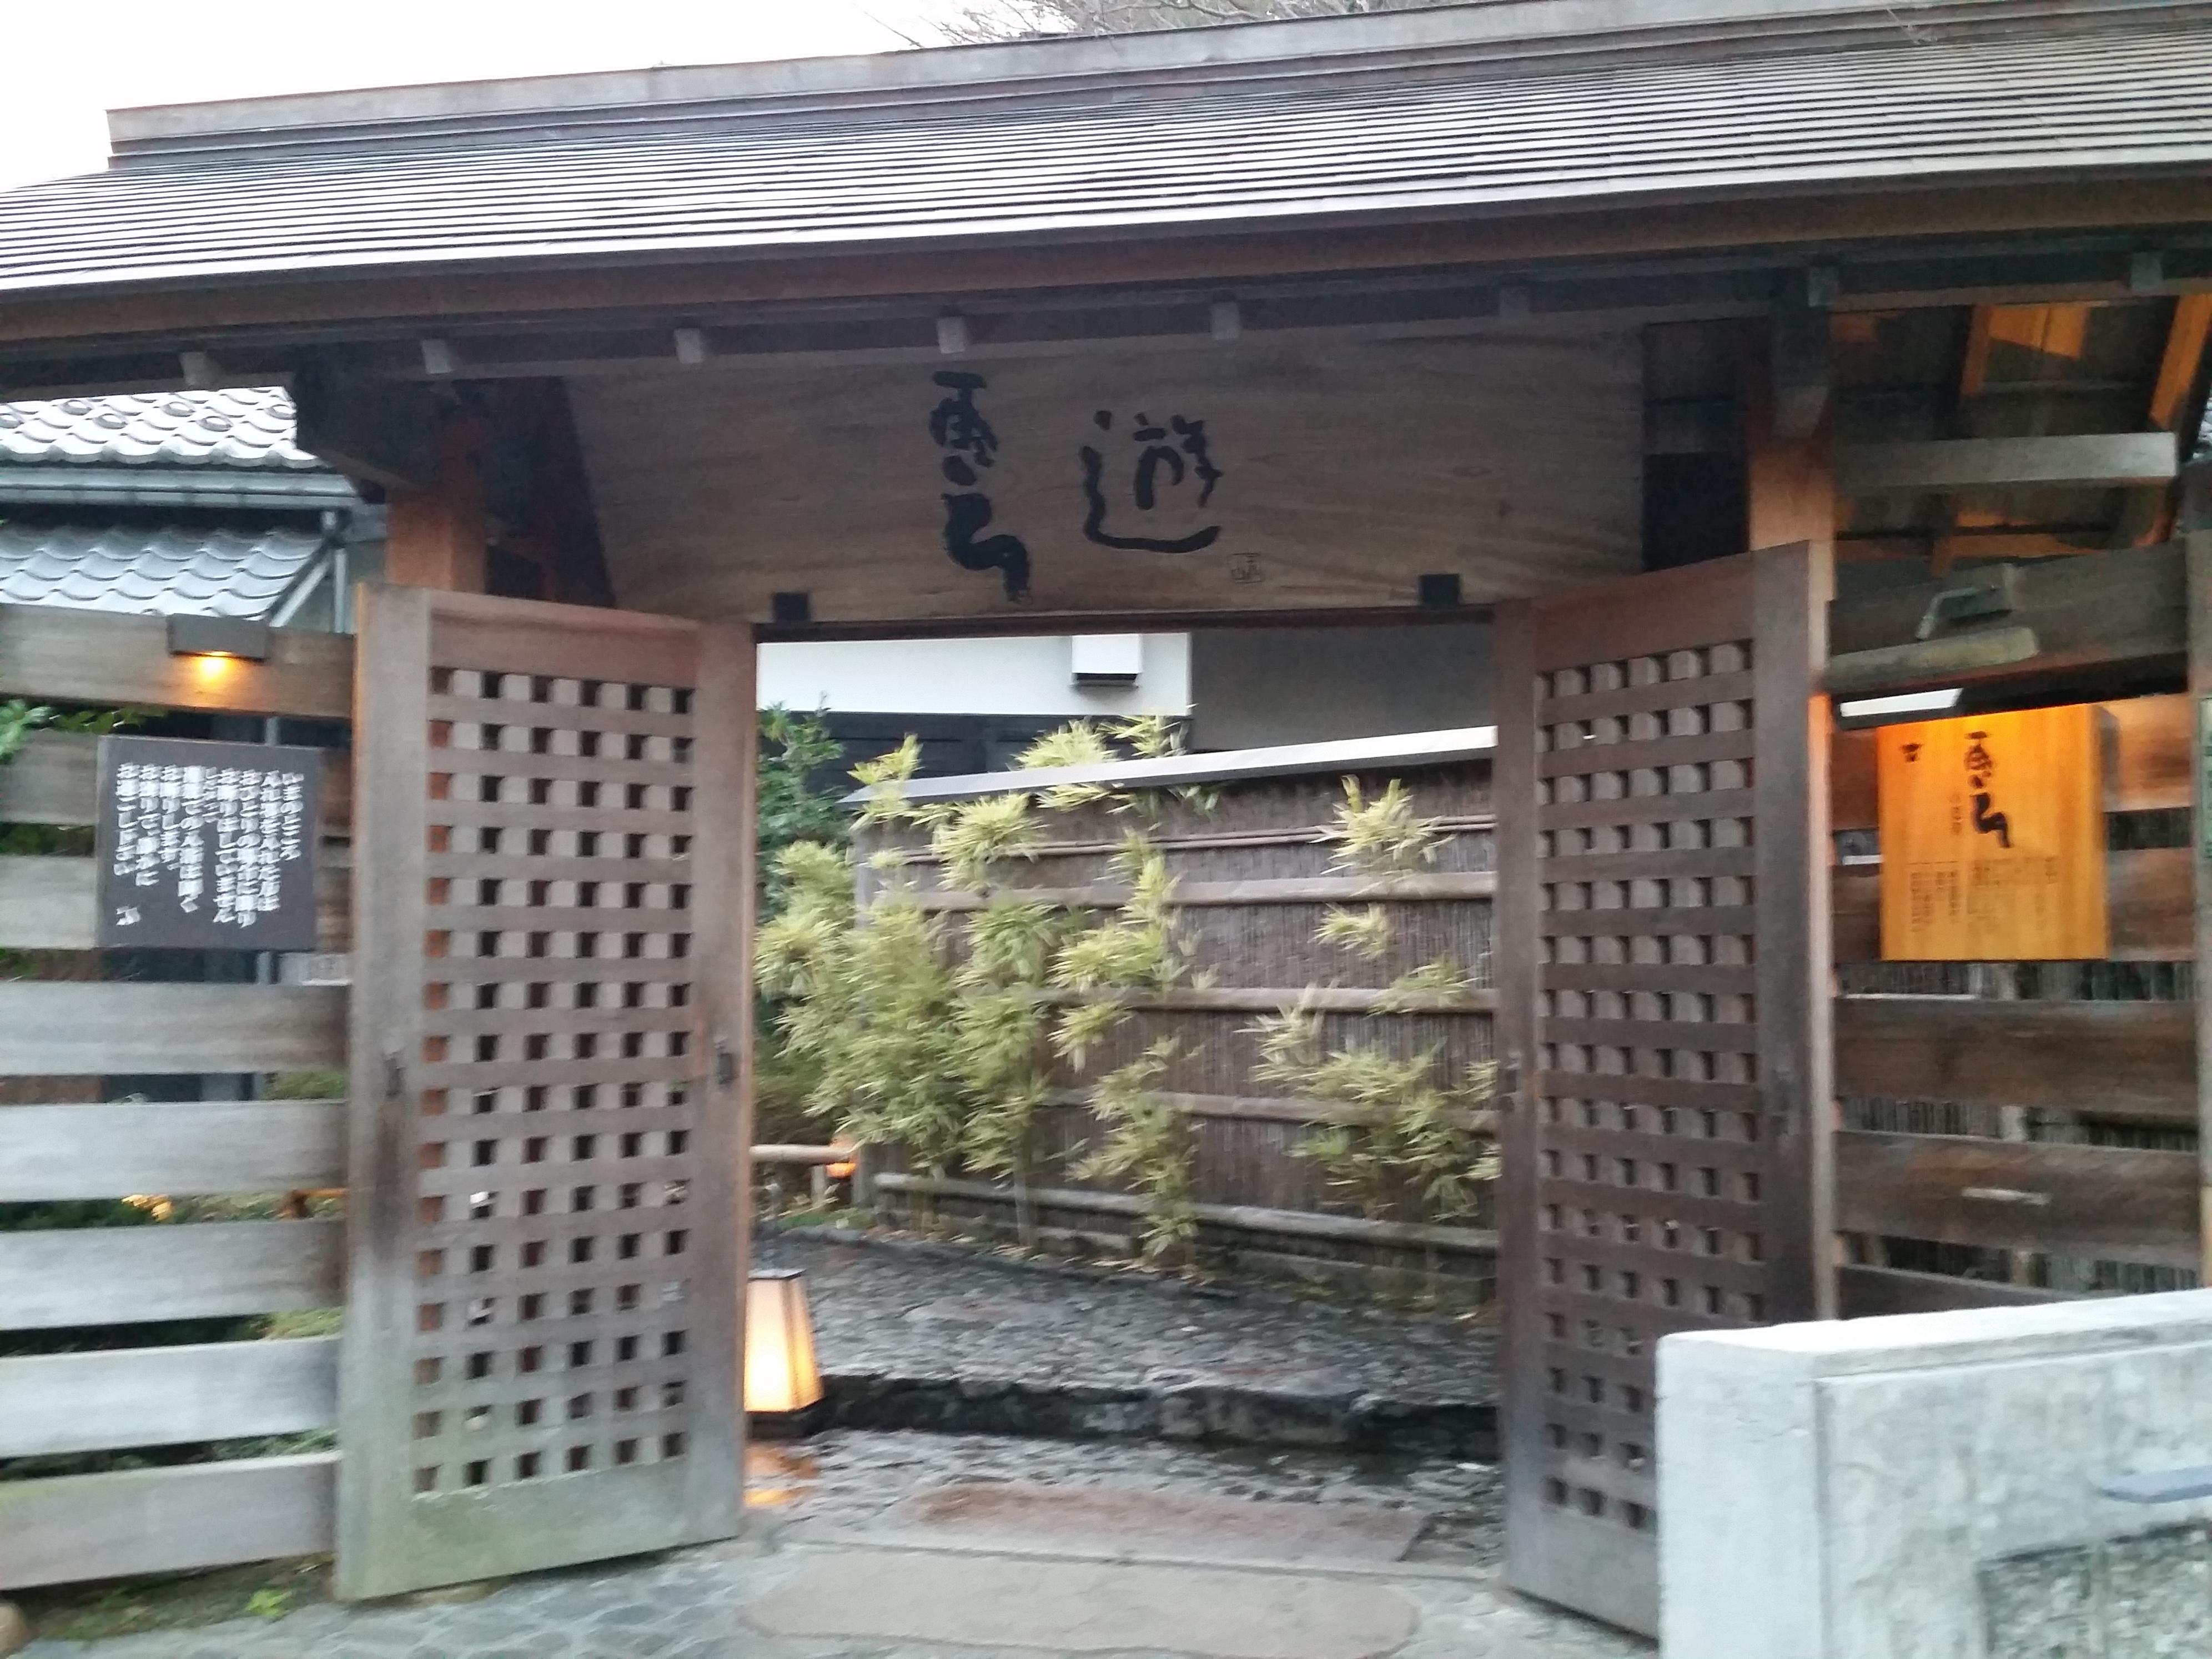 箱根の休日:いつもの天山へ 夕暮れ前に到着!